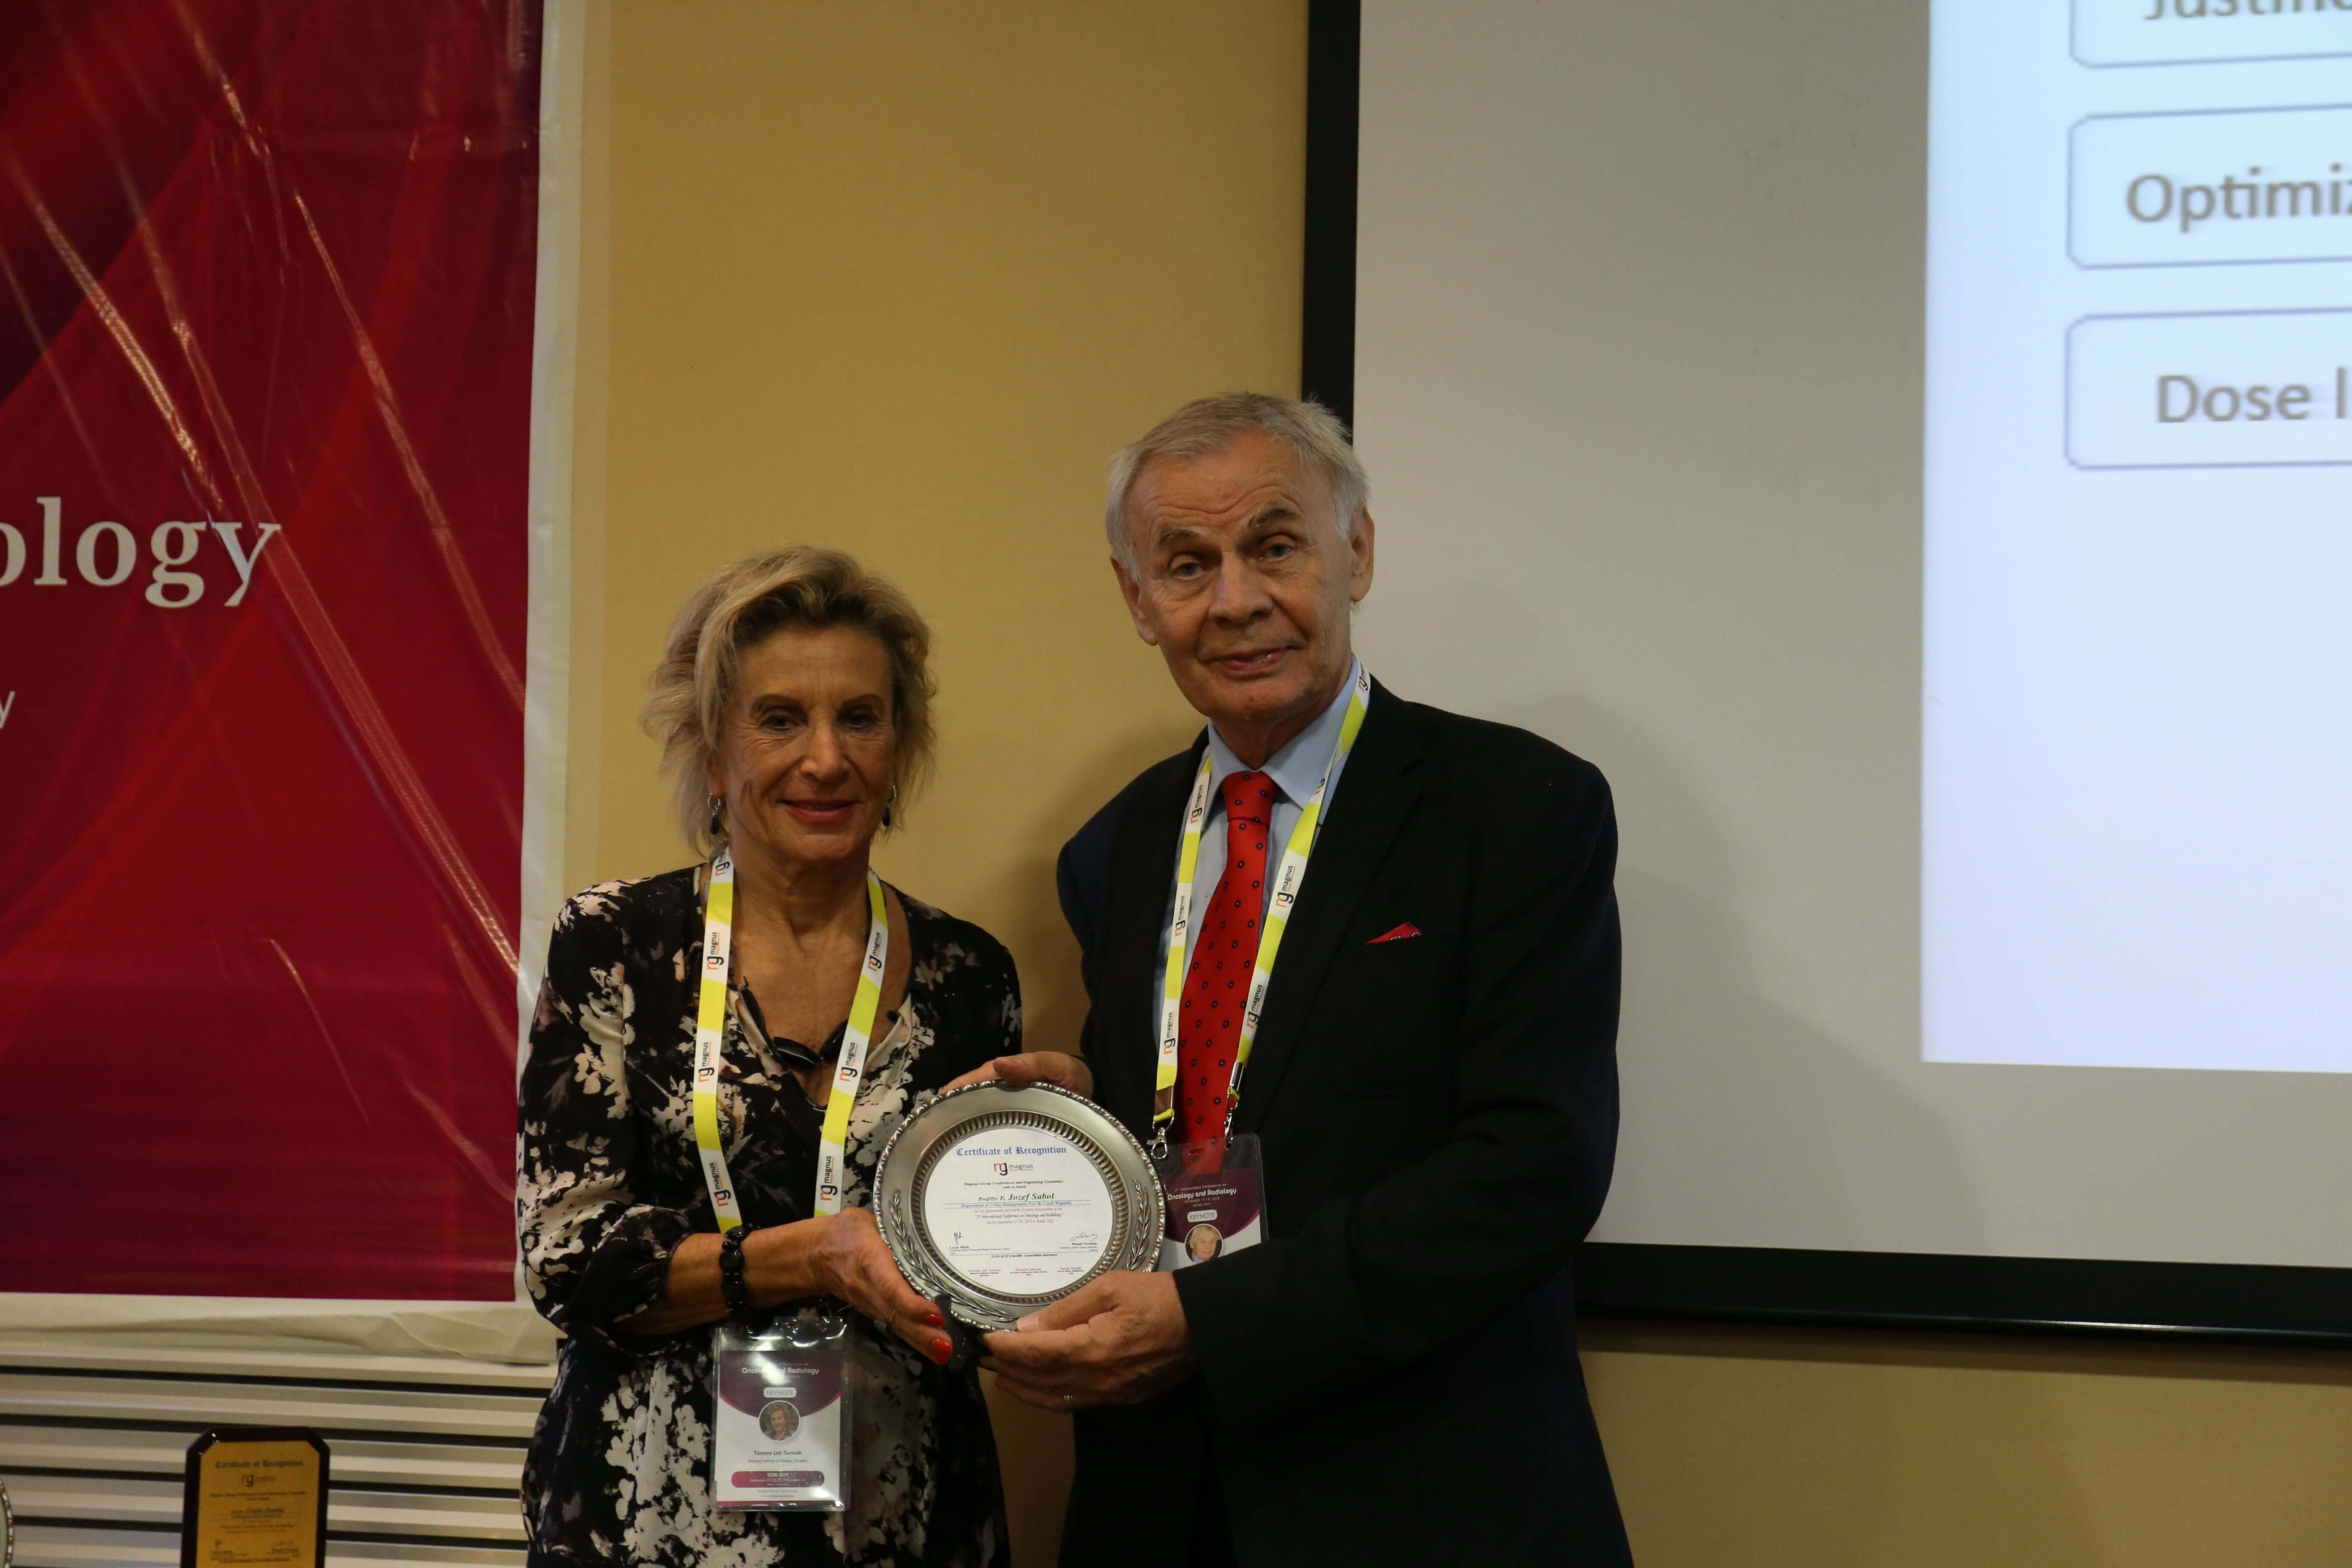 Cancer education conferences - Jozef Sabol